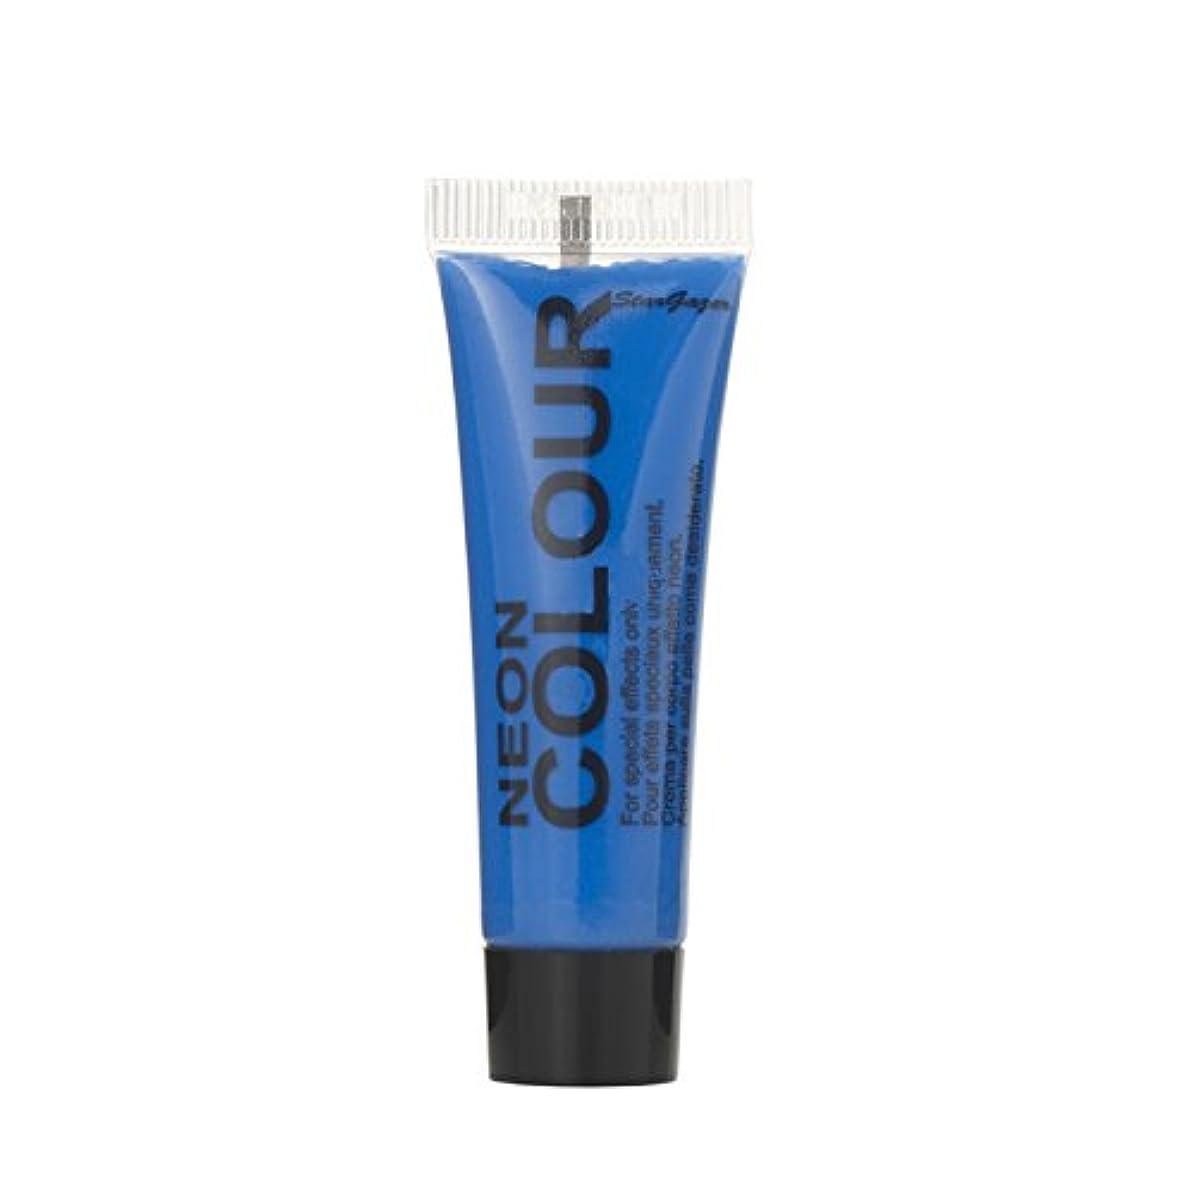 タンカー代わりに悪意のあるアレス スターゲイザー ネオンペイント 10ml ブルー(UV)